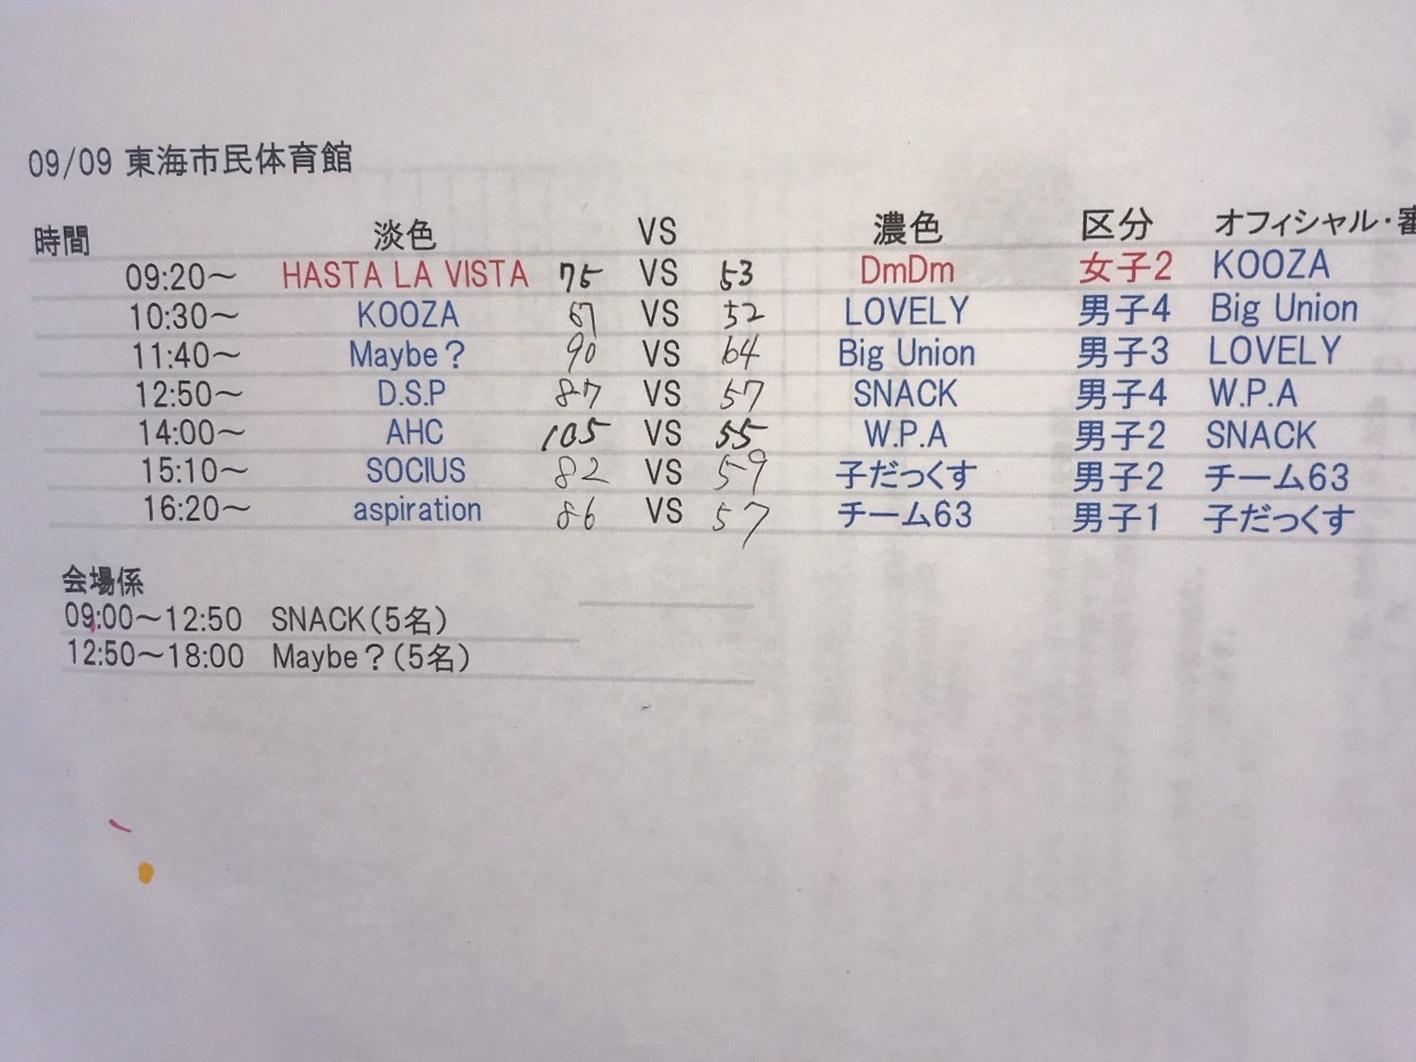 ADC392F1-9D58-40AE-8687-1F9A2D290DD1